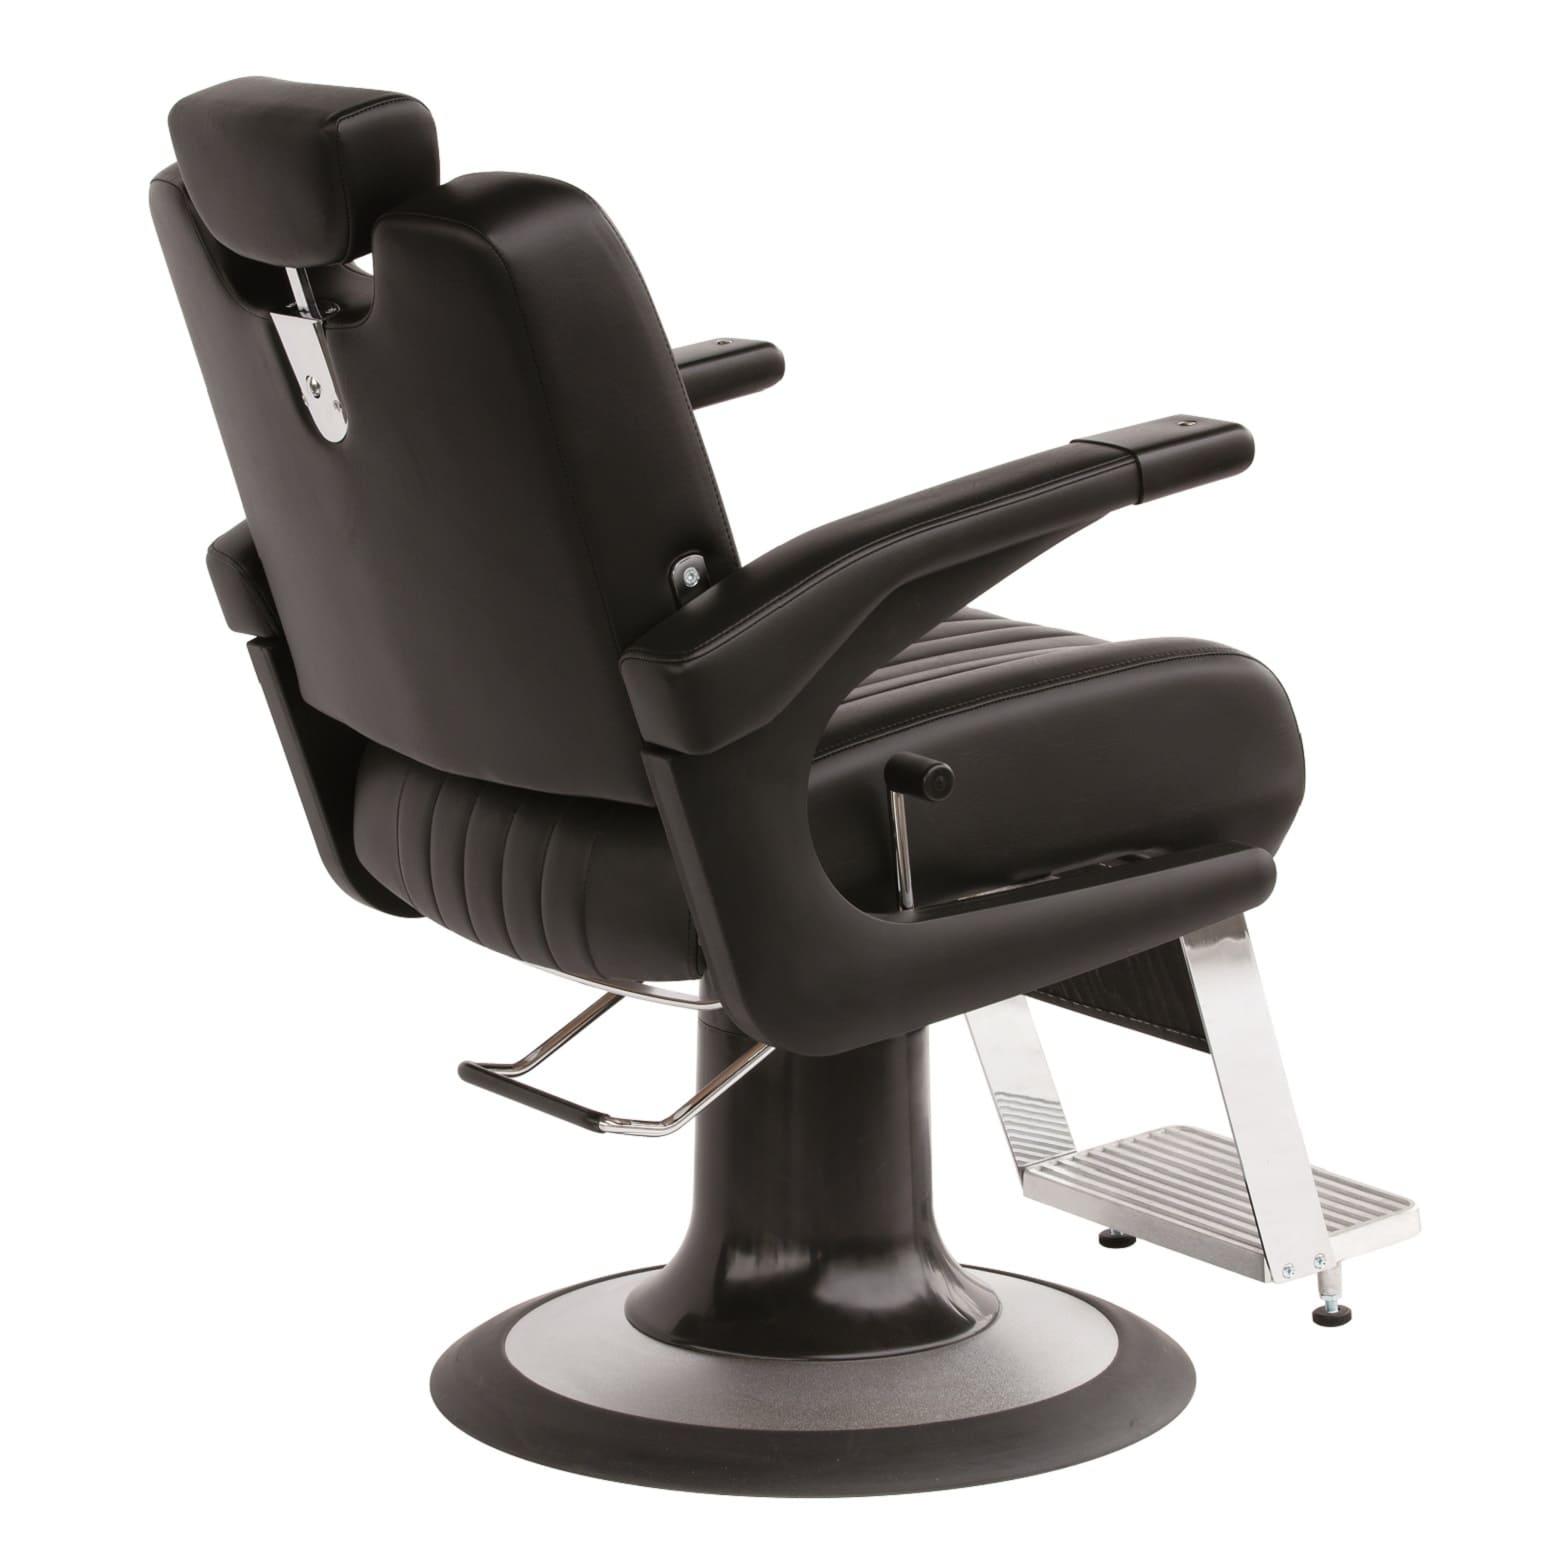 Barber Chair 903 Original Vintage Look Barber Chair